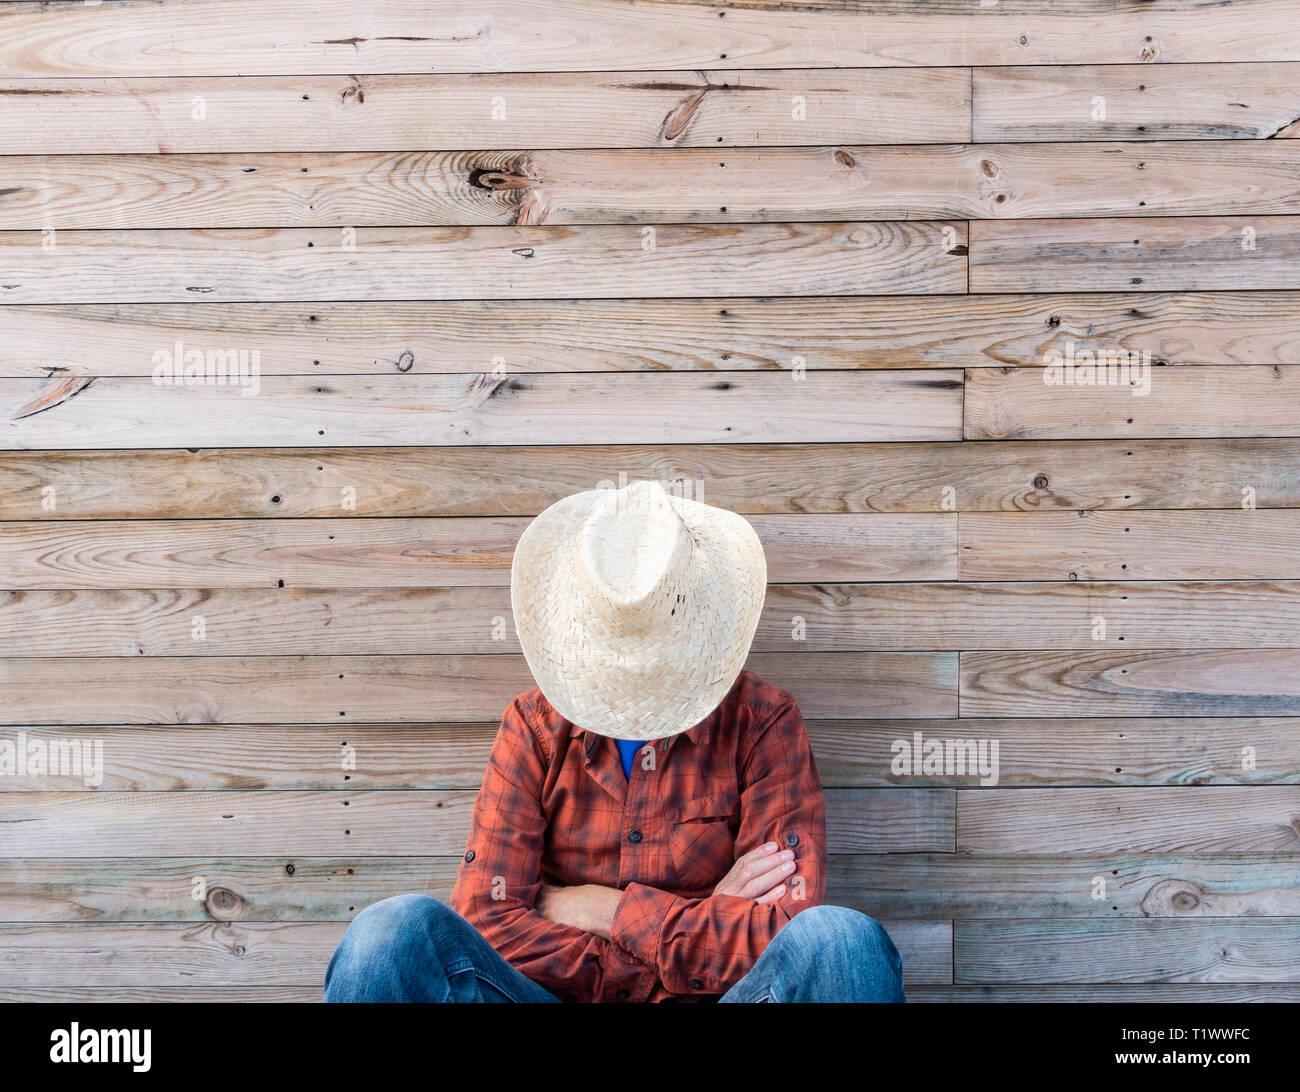 Man taking siesta nap in Spain - Stock Image